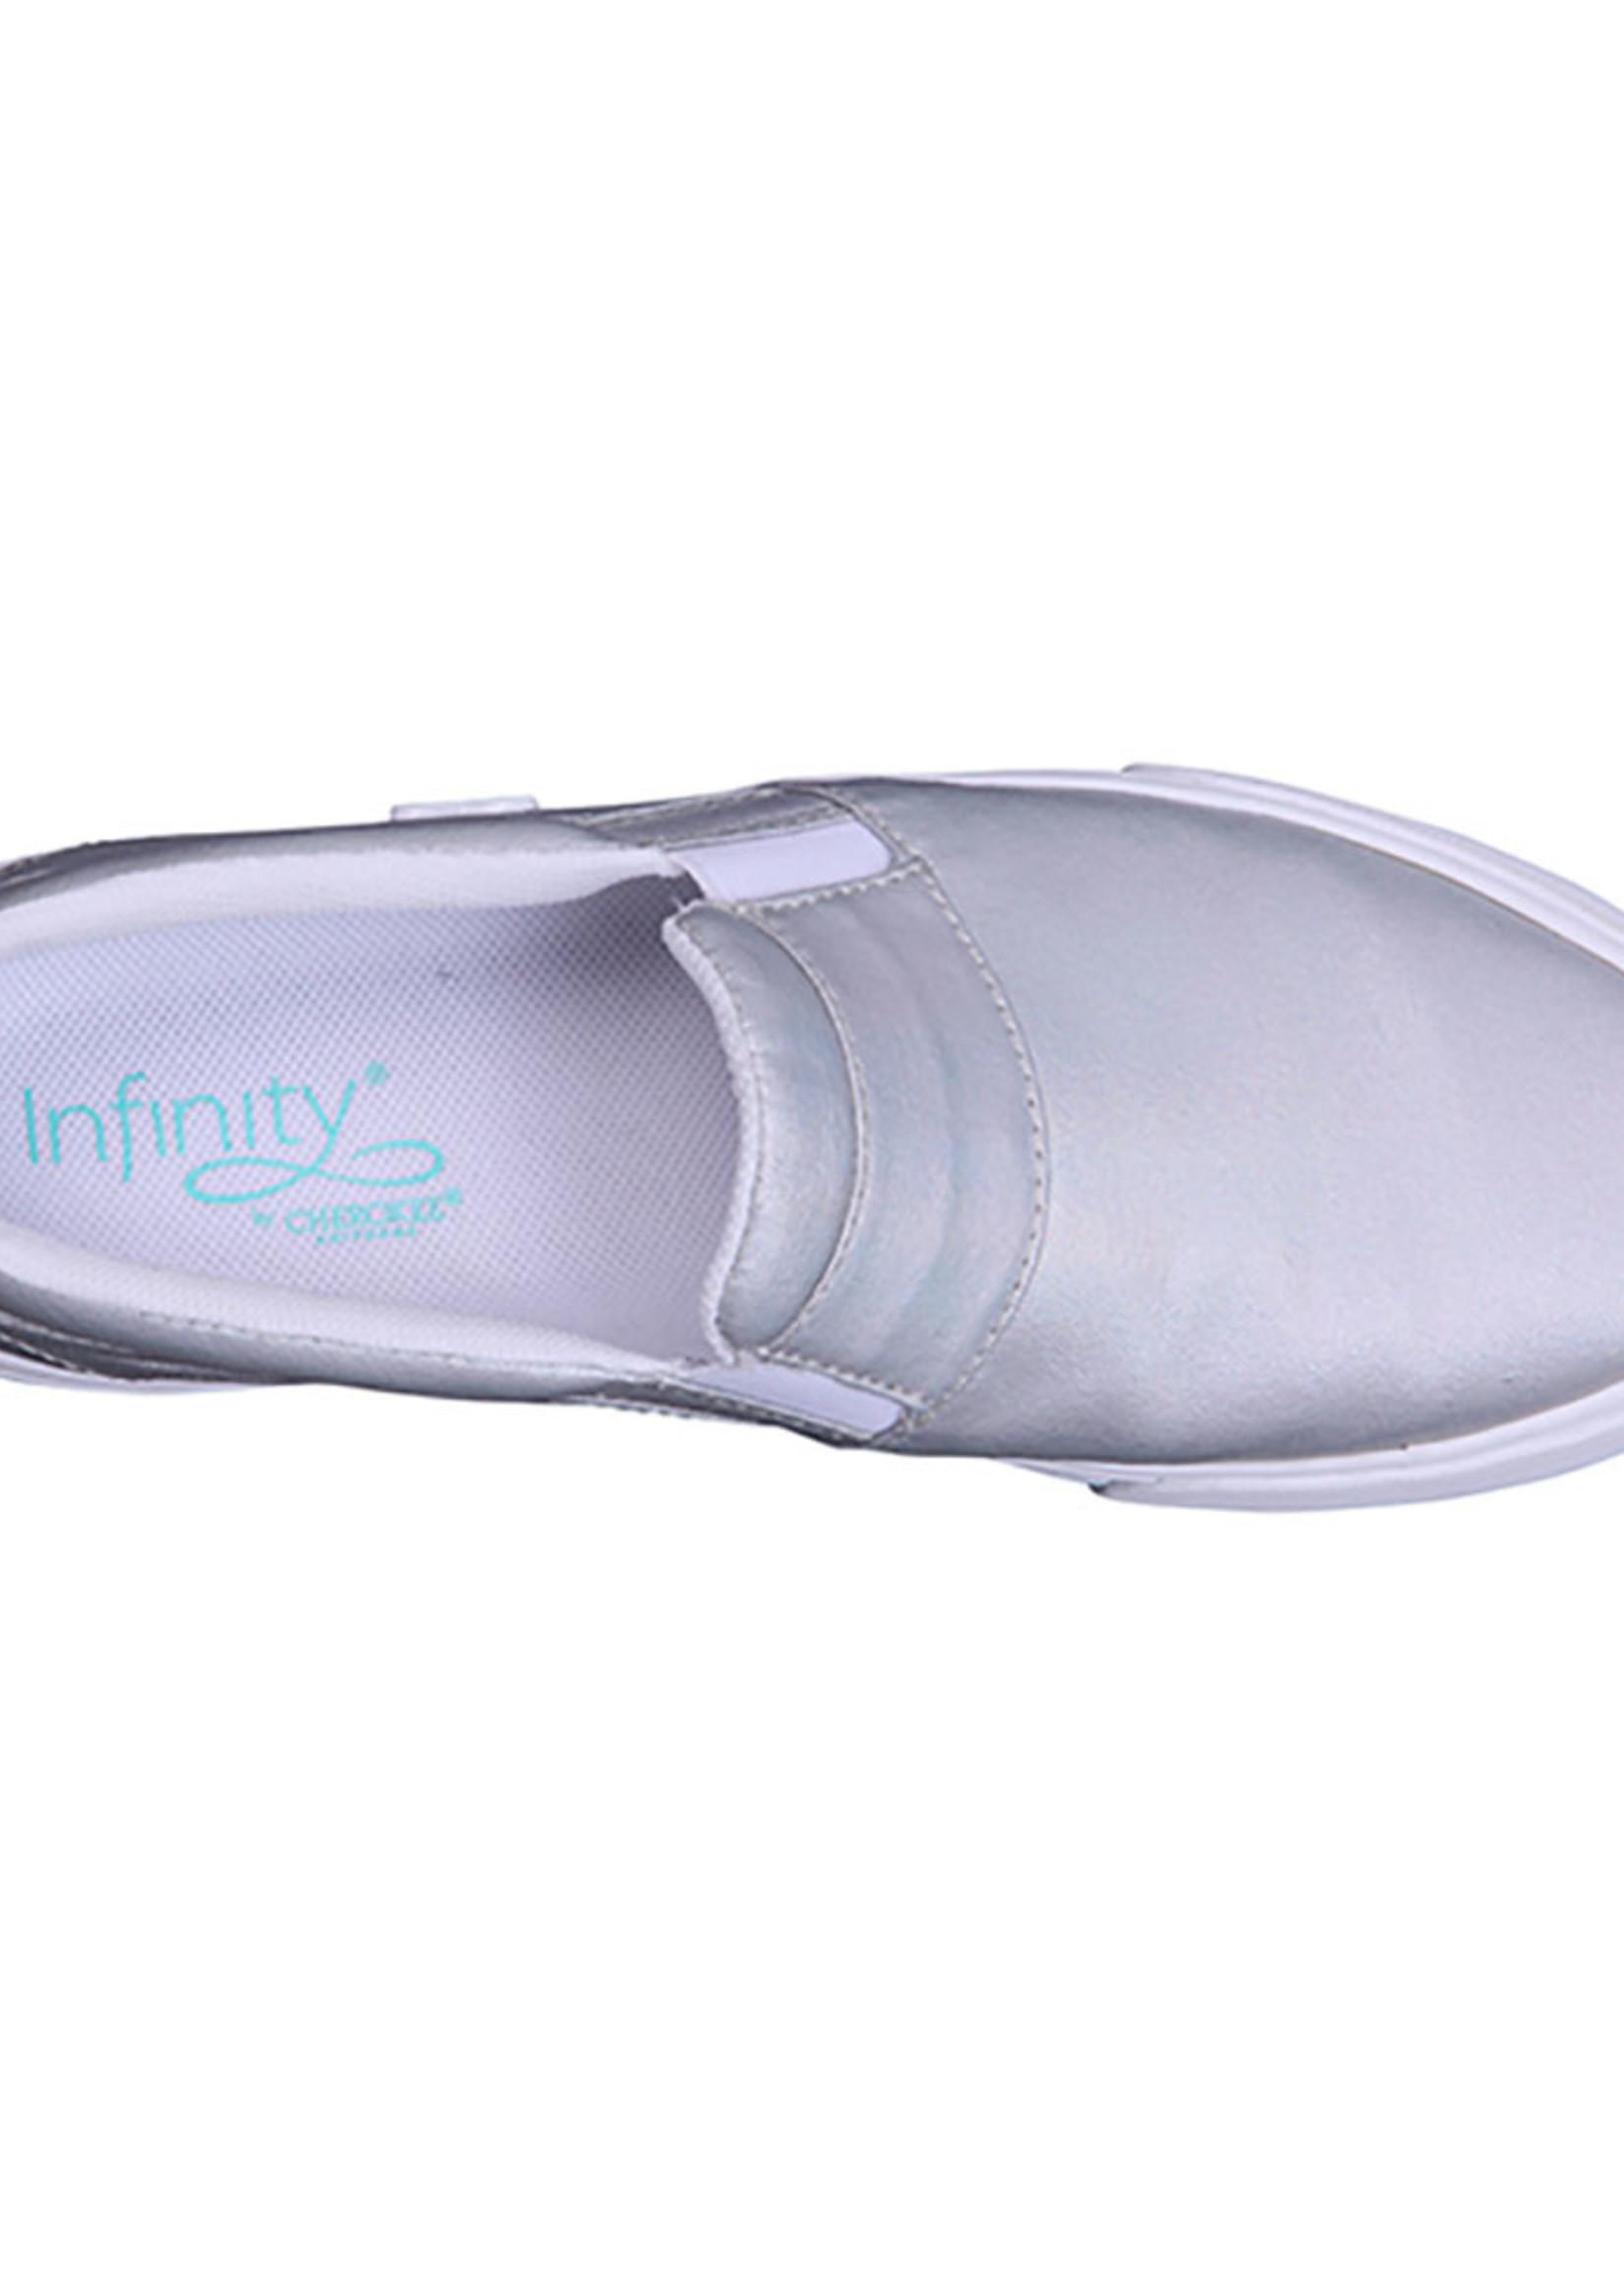 Cherokee Infinity Infinity Footwear Rush - Rush Shoes-womens